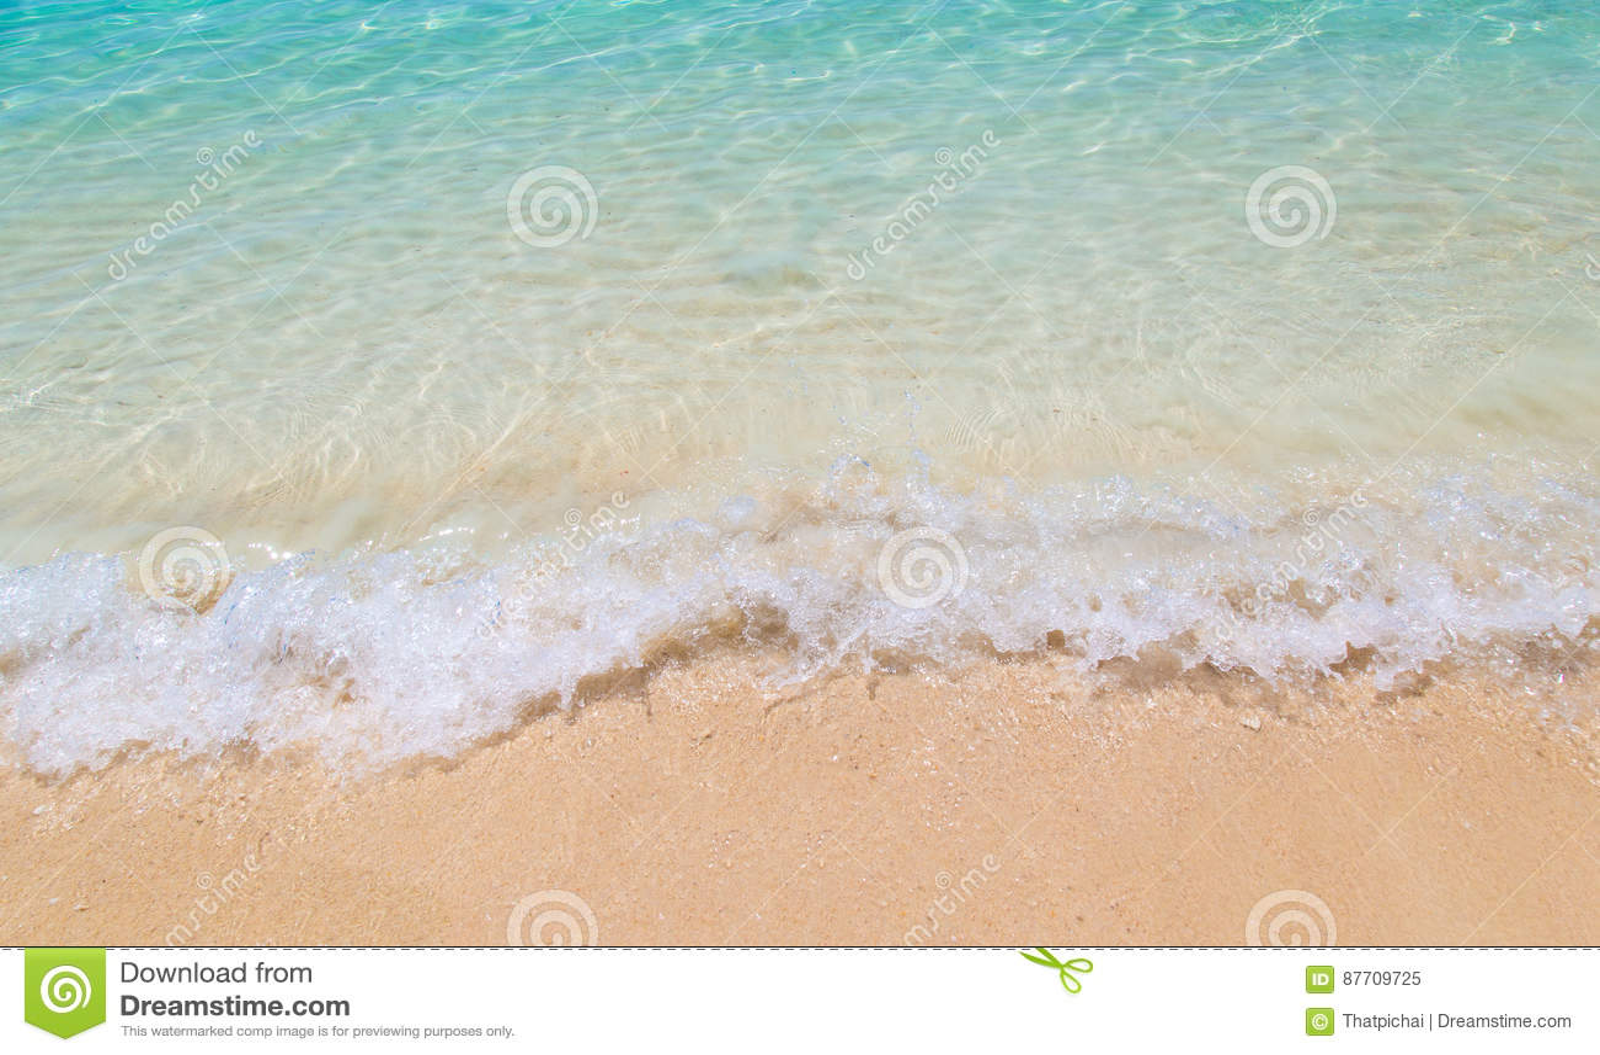 Vague molle de la mer sur la plage sablonneuse chez la Thaïlande